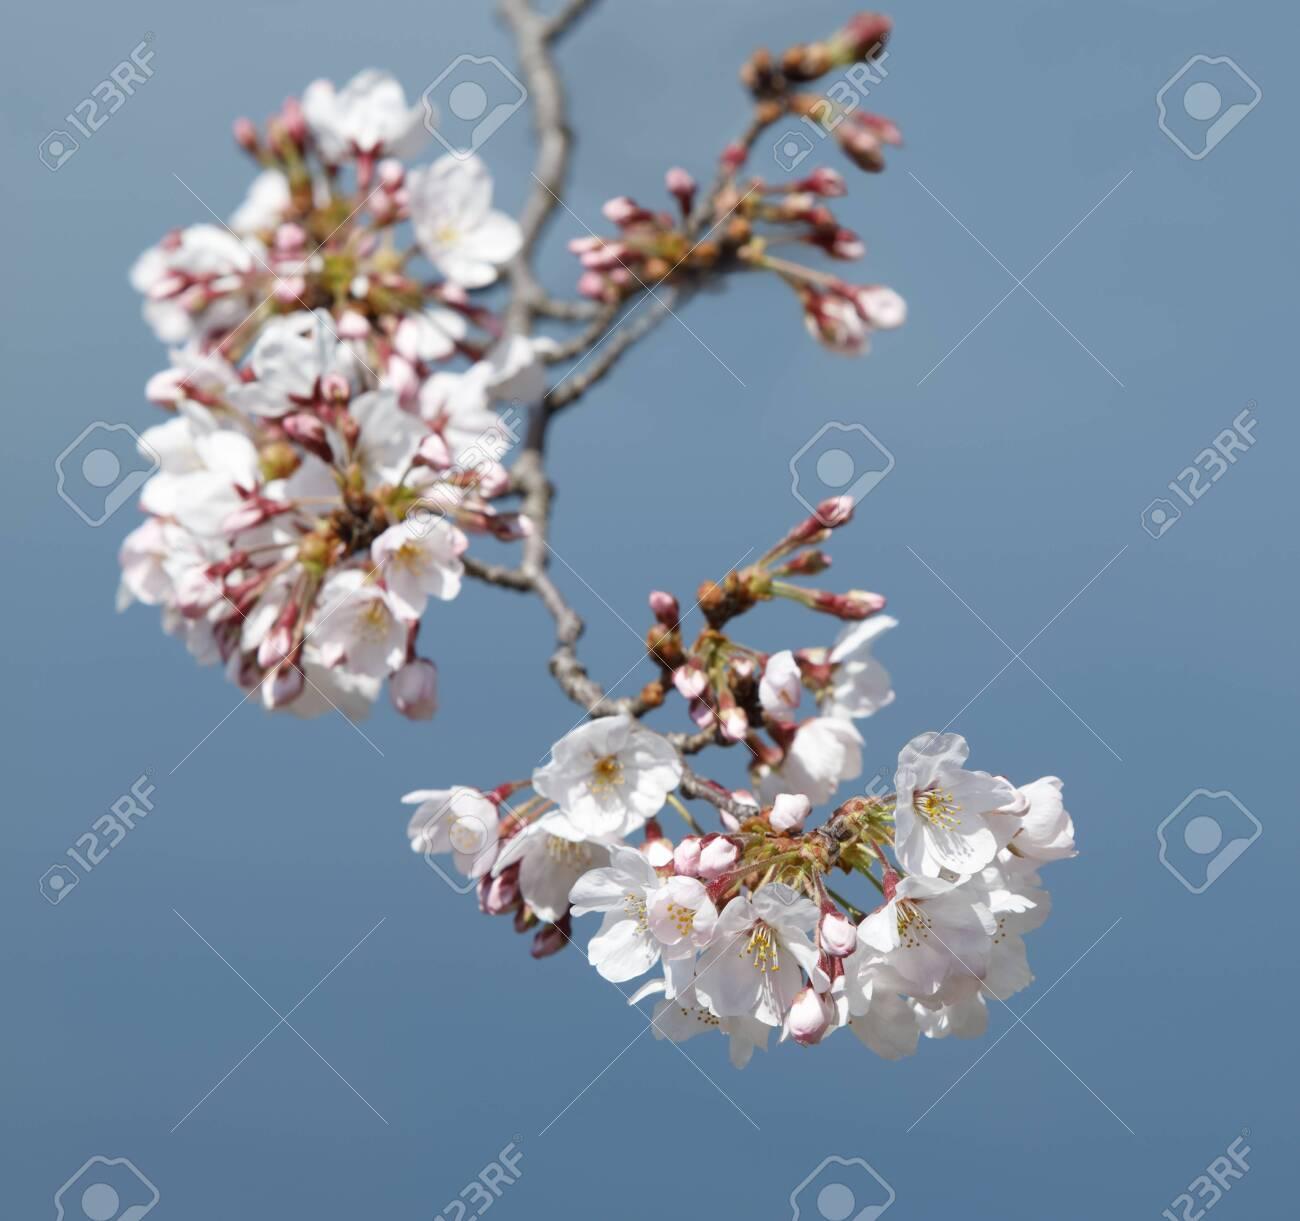 Cherry blossom branch - 129192452